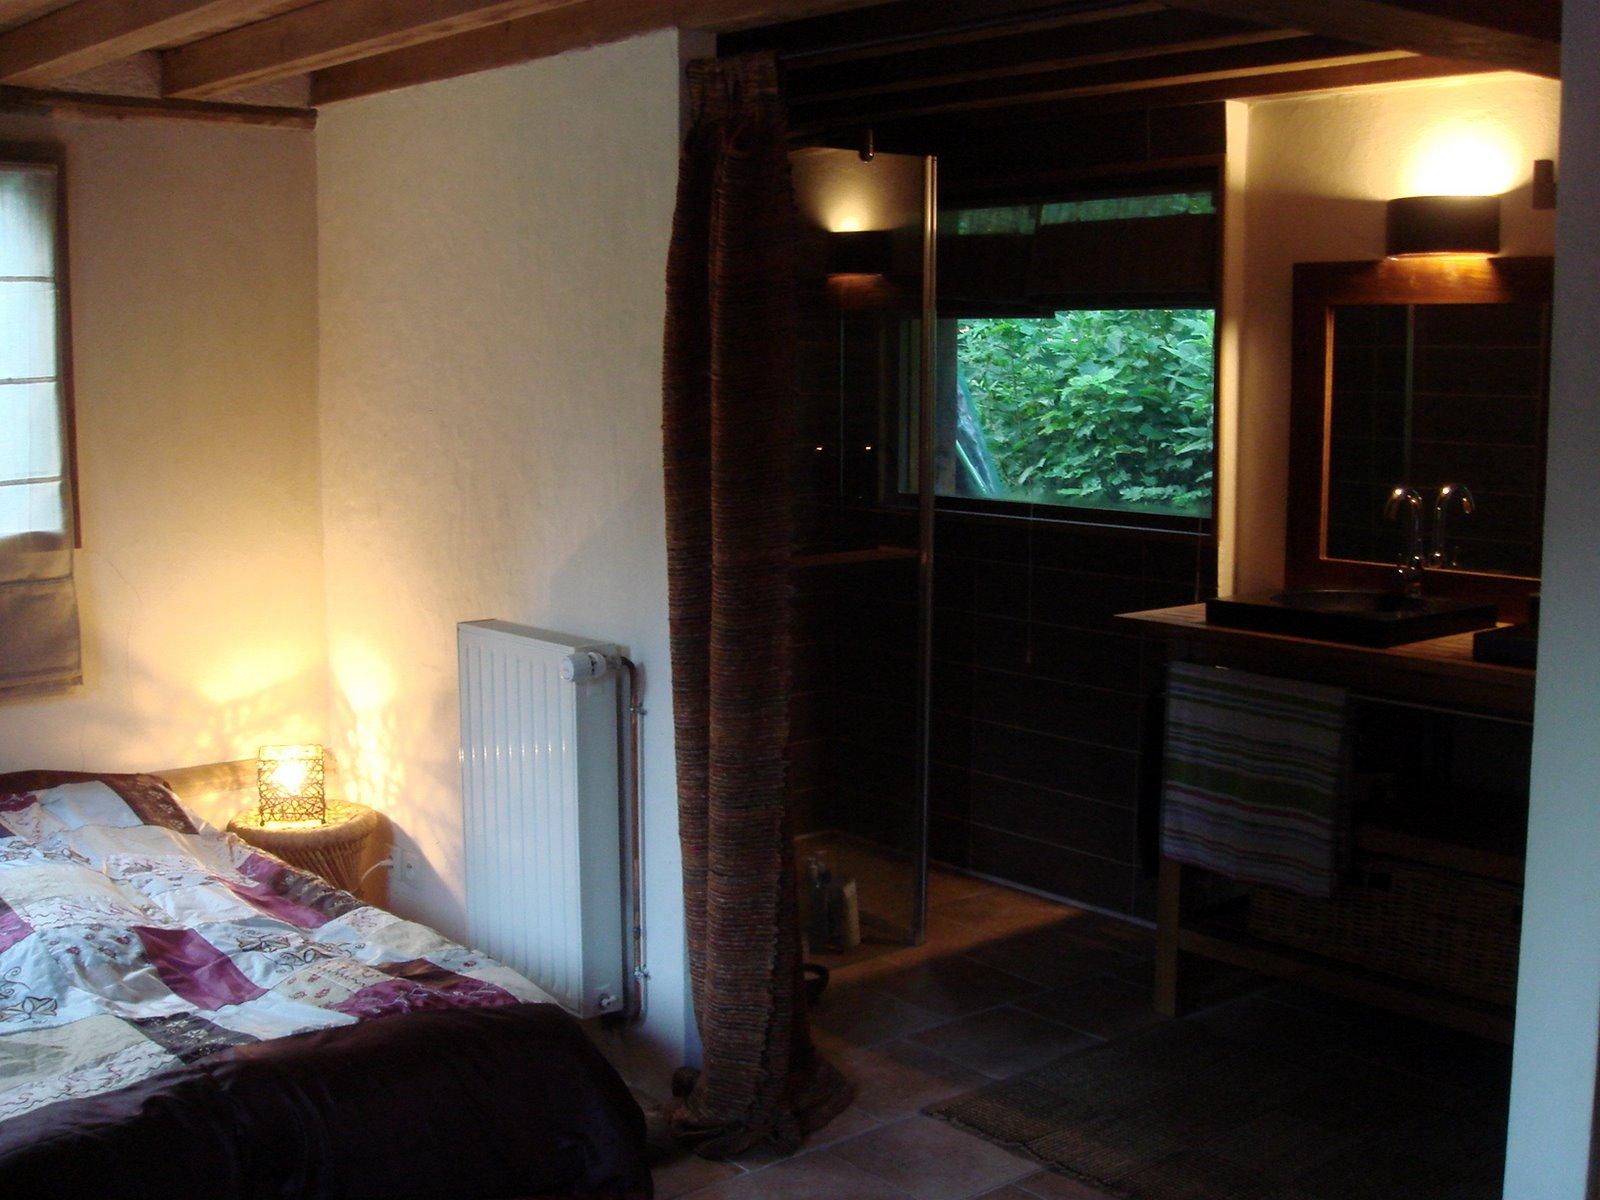 homesens r fection salle de bain avant apr s. Black Bedroom Furniture Sets. Home Design Ideas